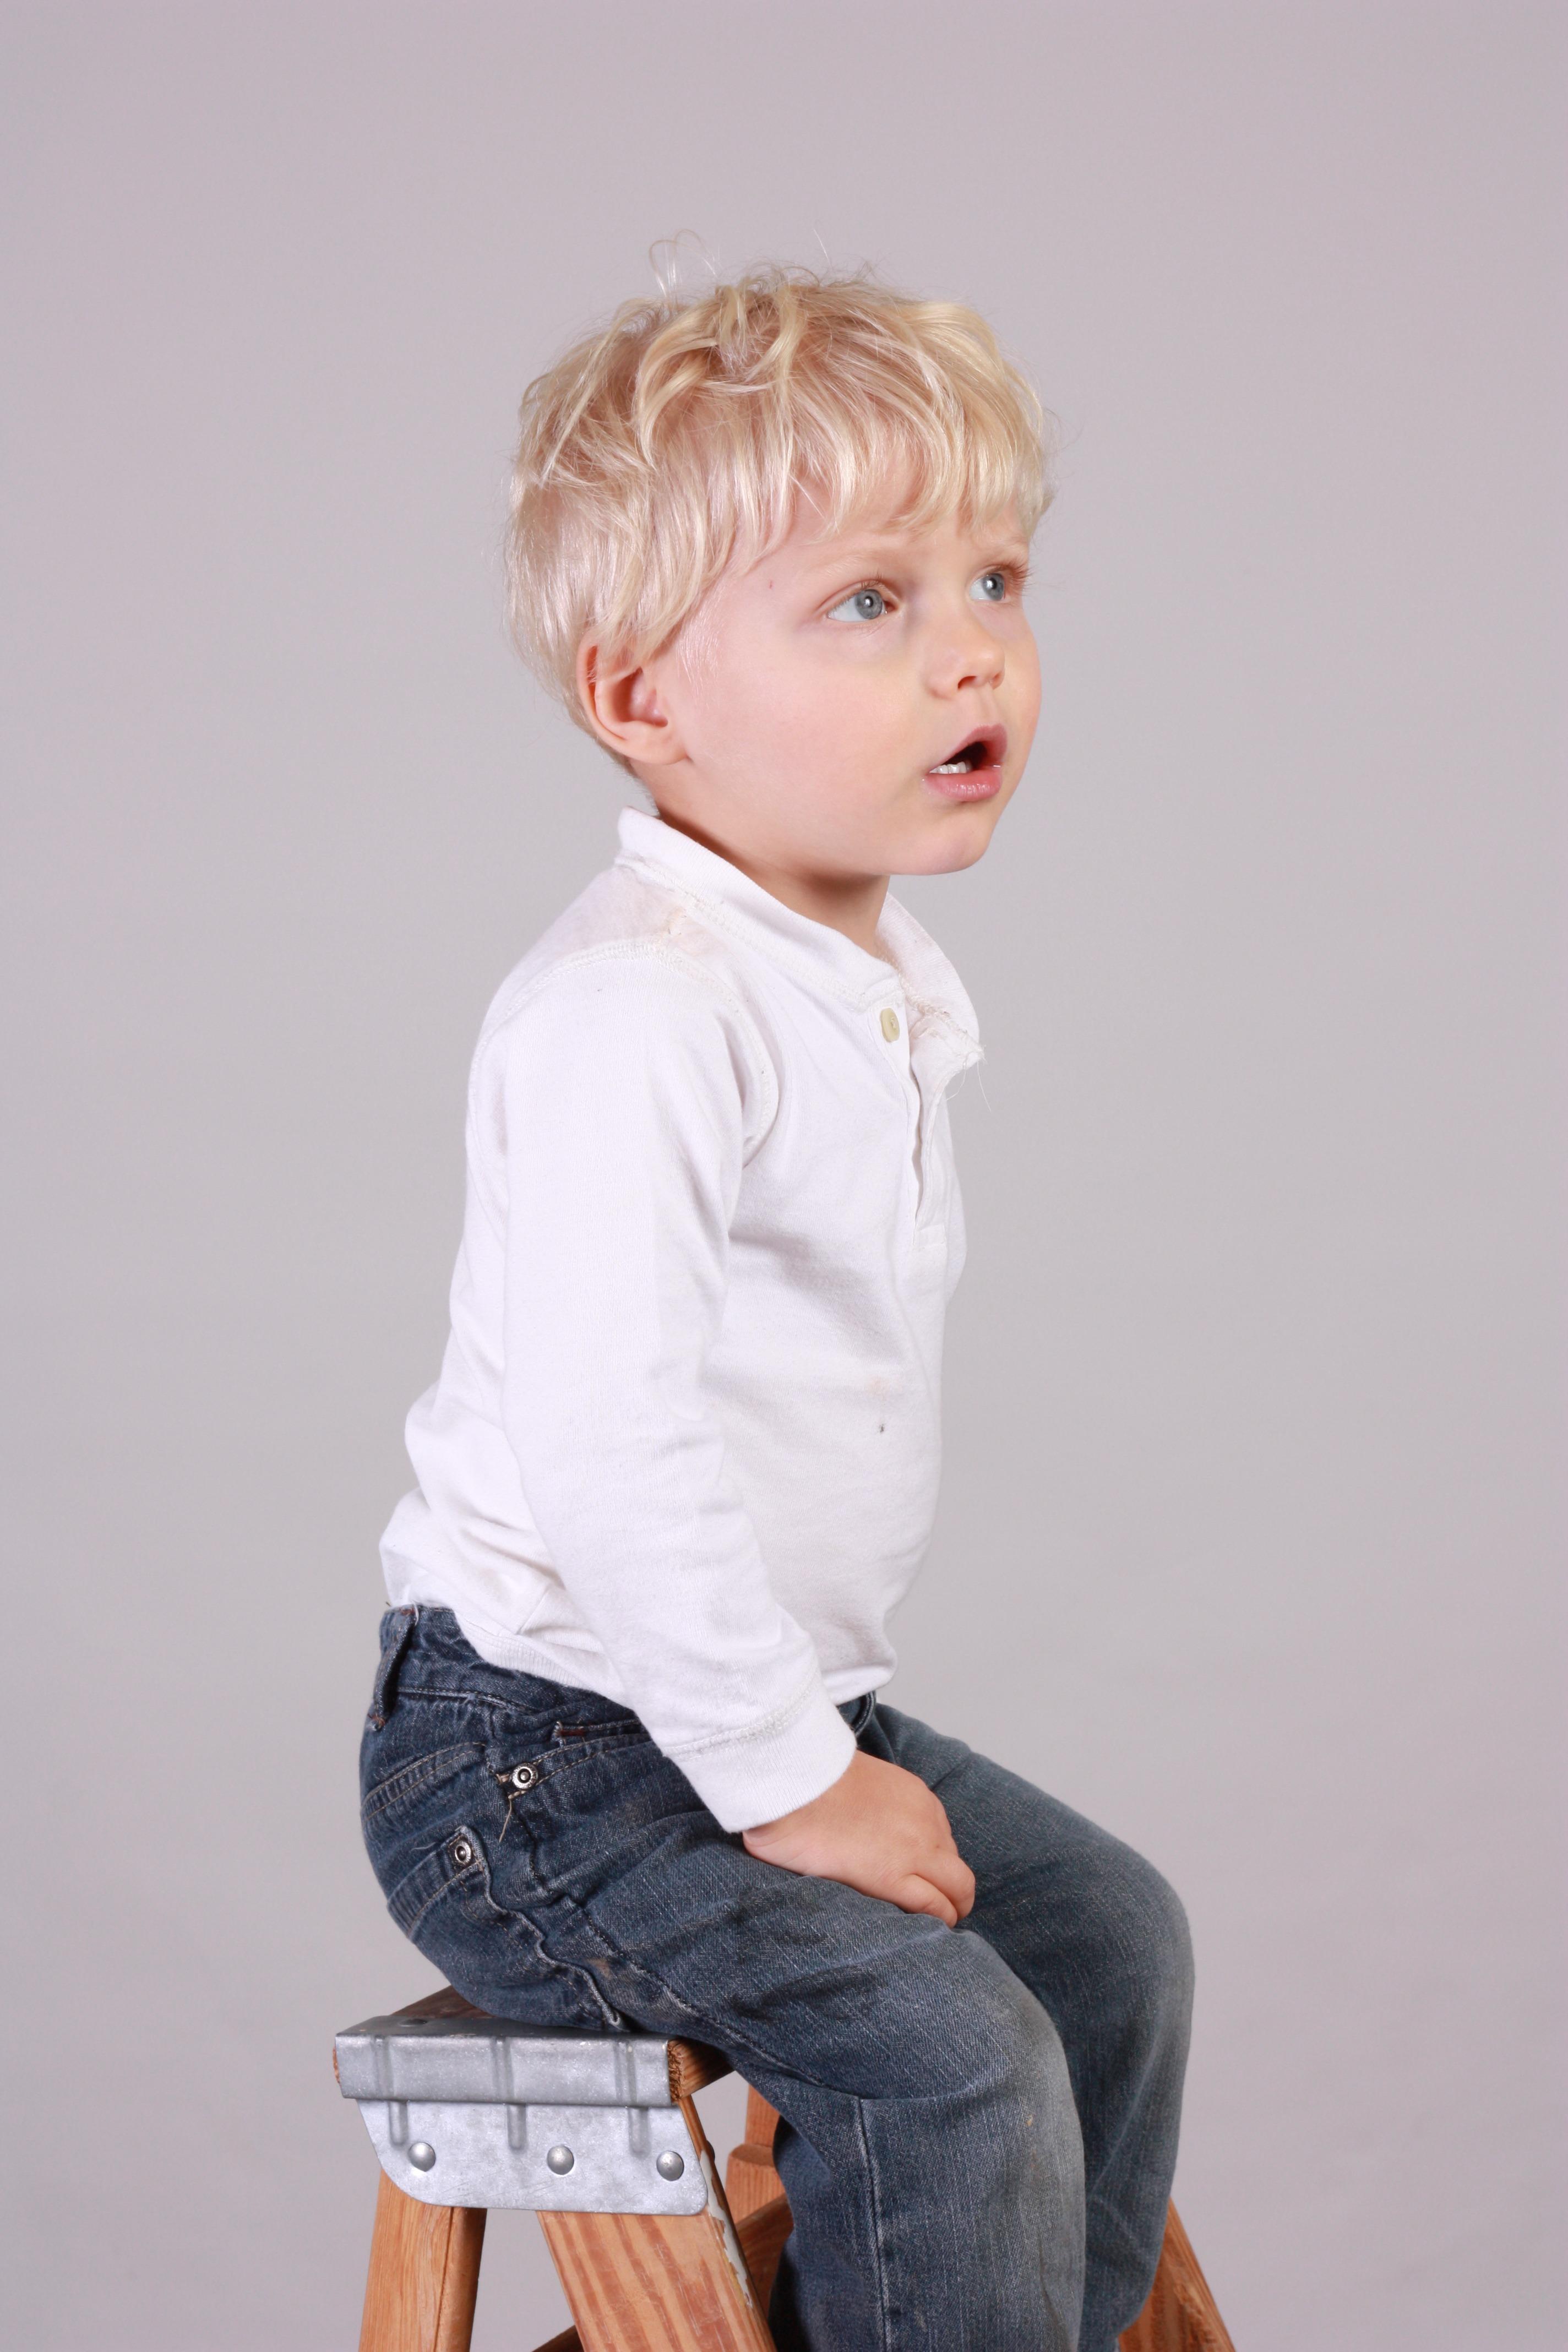 d3cb69d0 hår gutt ser mønster portrett ung sitter liten barn menneskelig klær  yttertøy frisyre stige aktivitet sønn